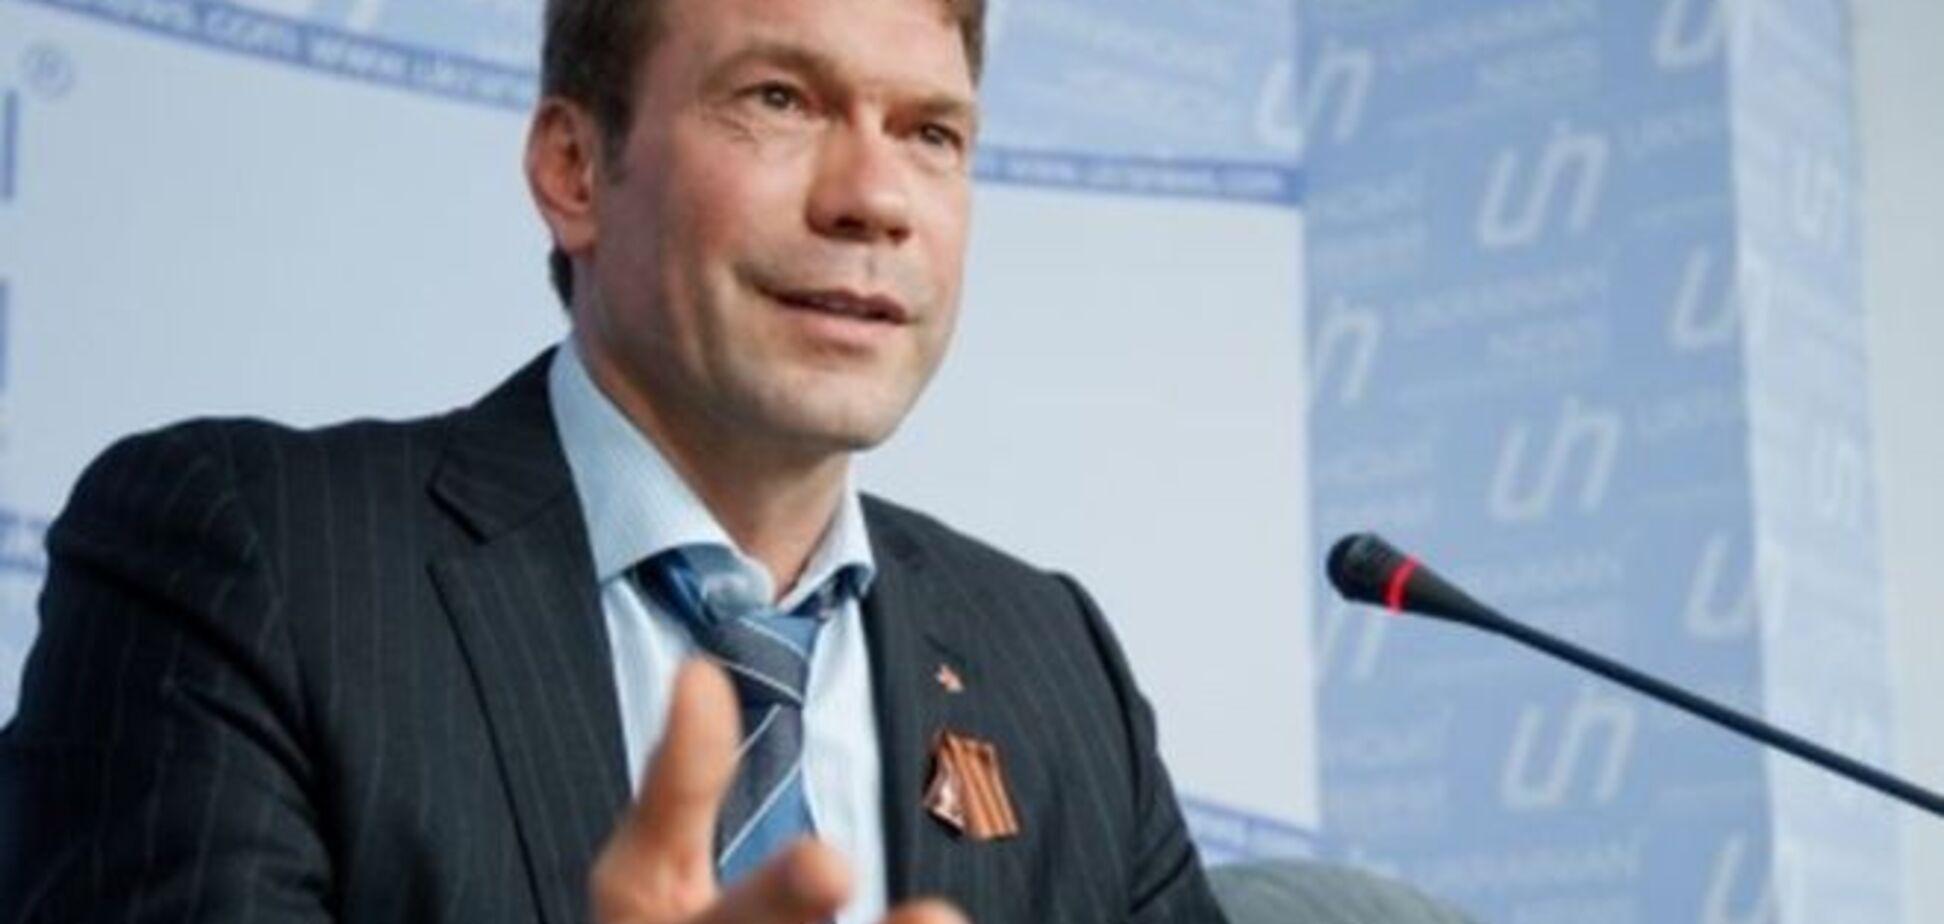 Прокуратура Киева раскрыла ряд резонансных преступлений и 'взялась' за Царева